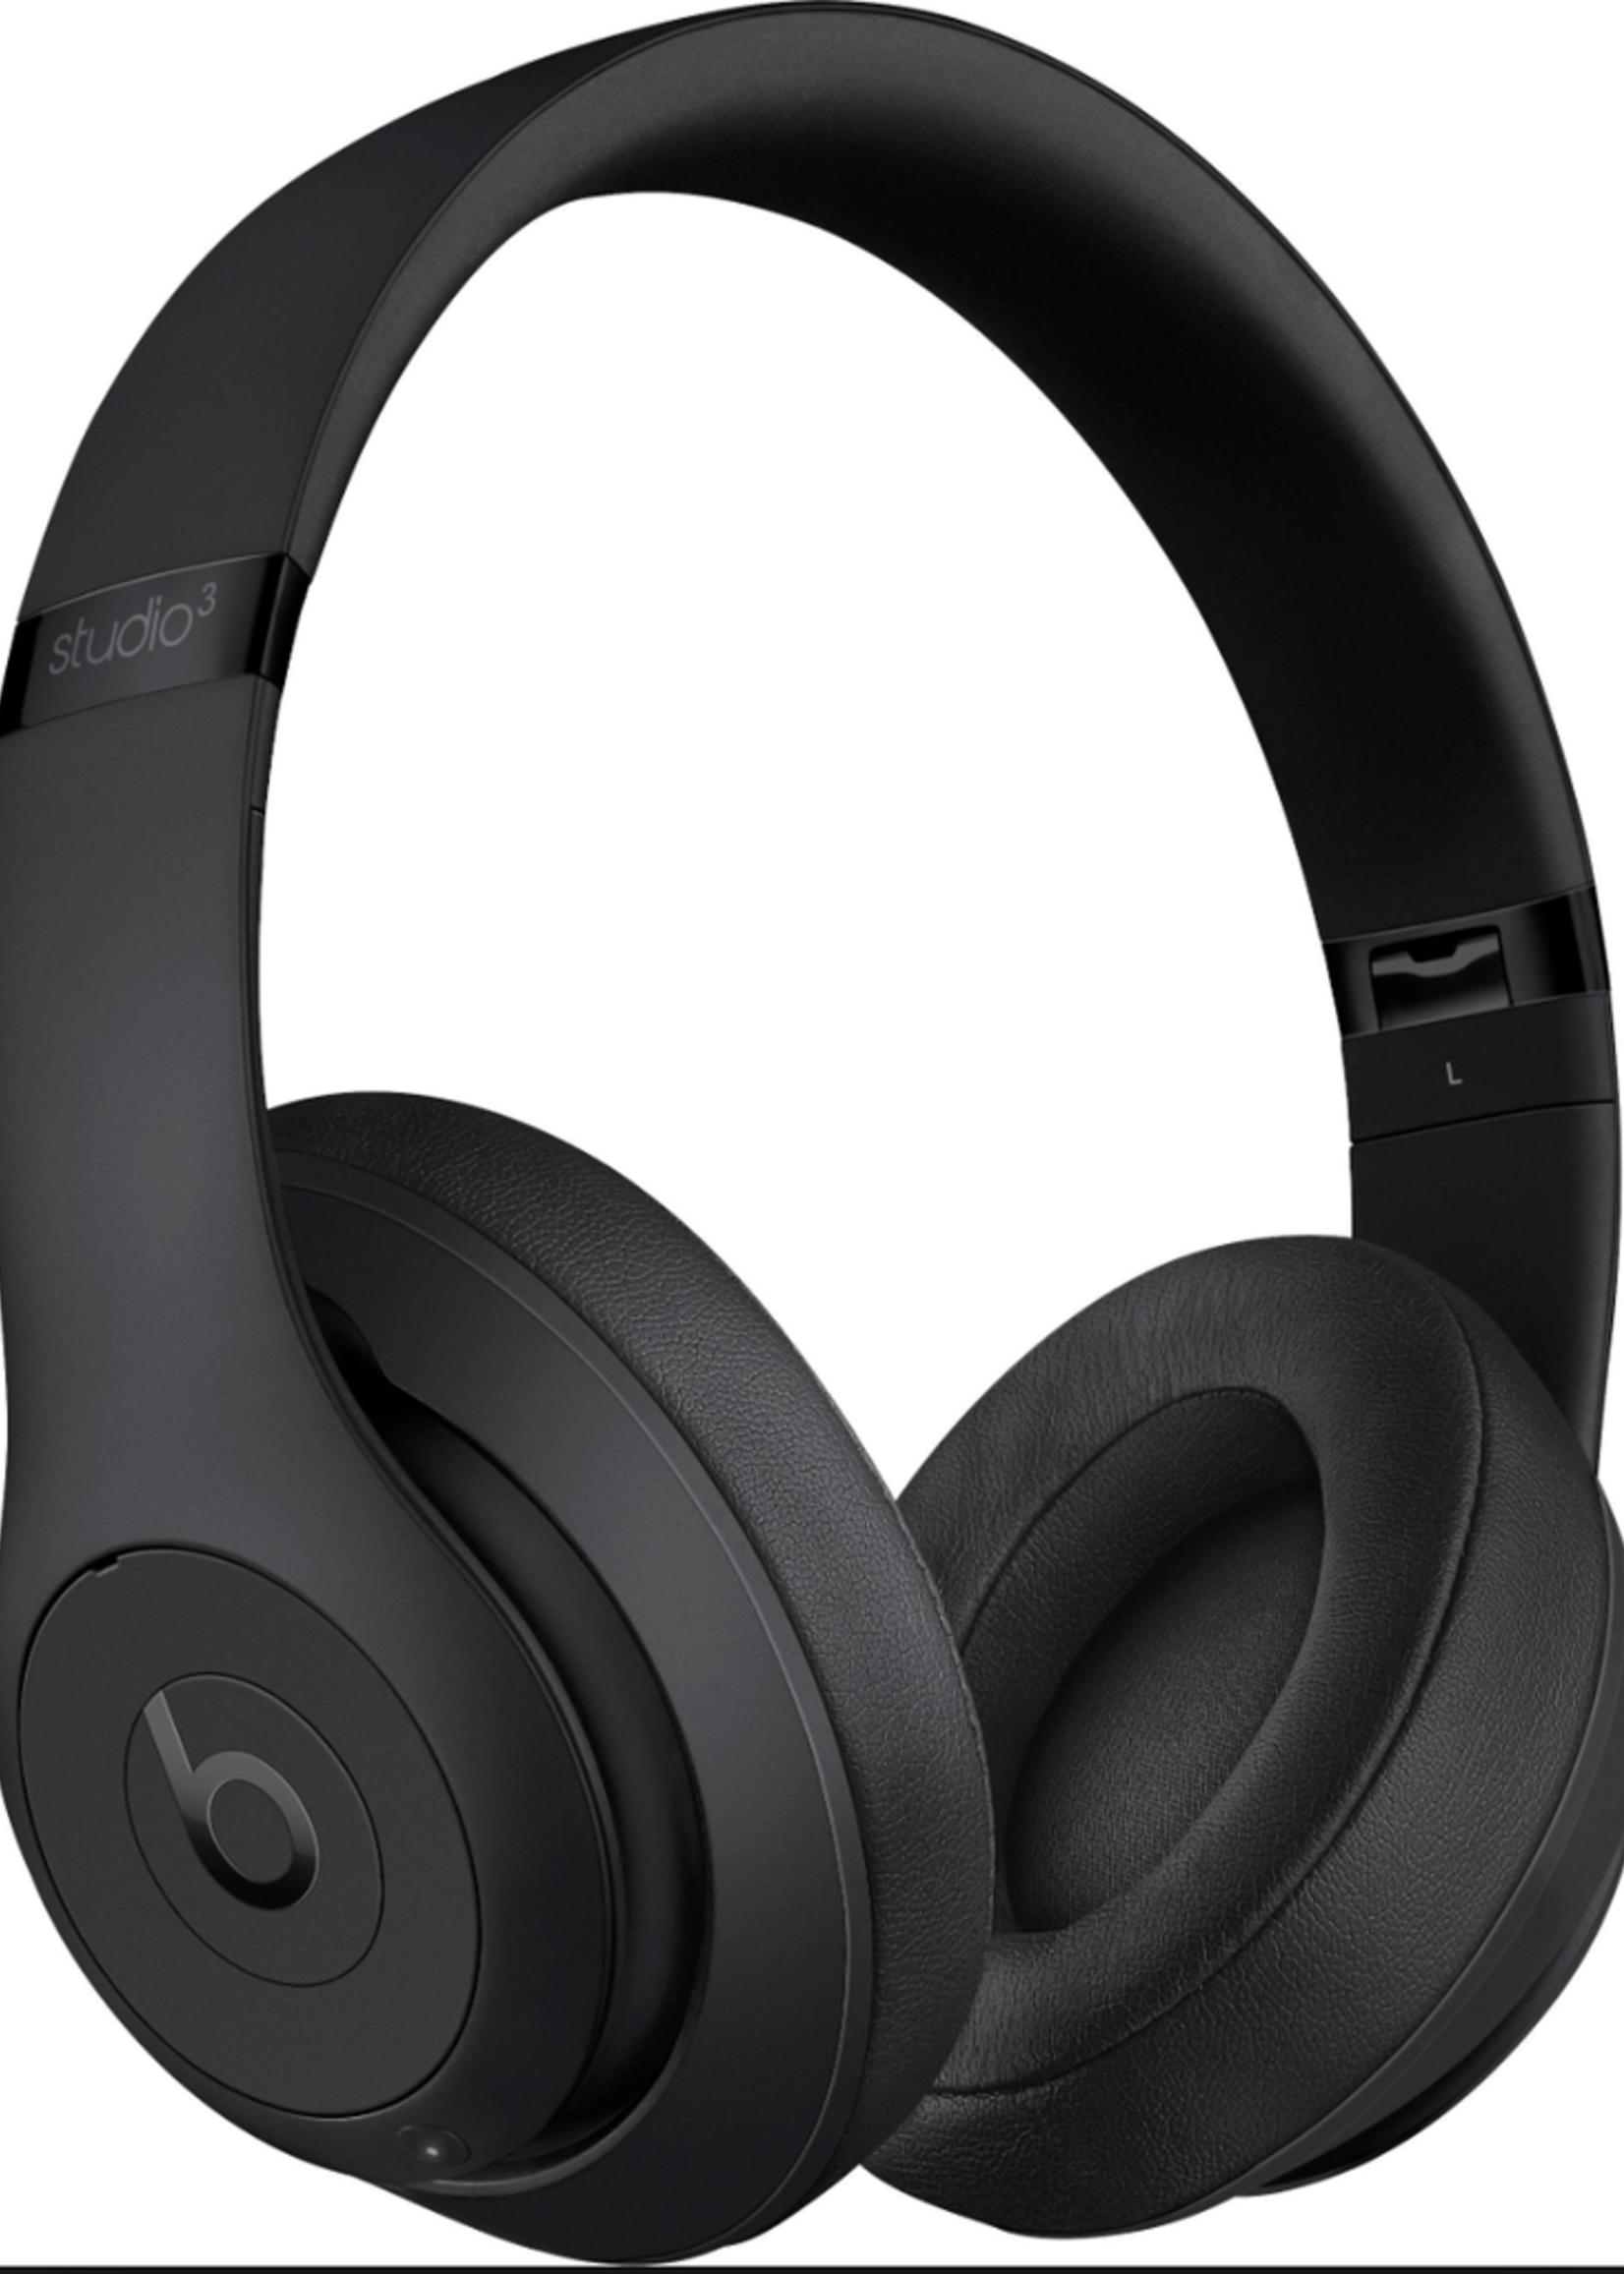 Beats Studio 3 Wireless Over-Ear Headphones - Matte Black